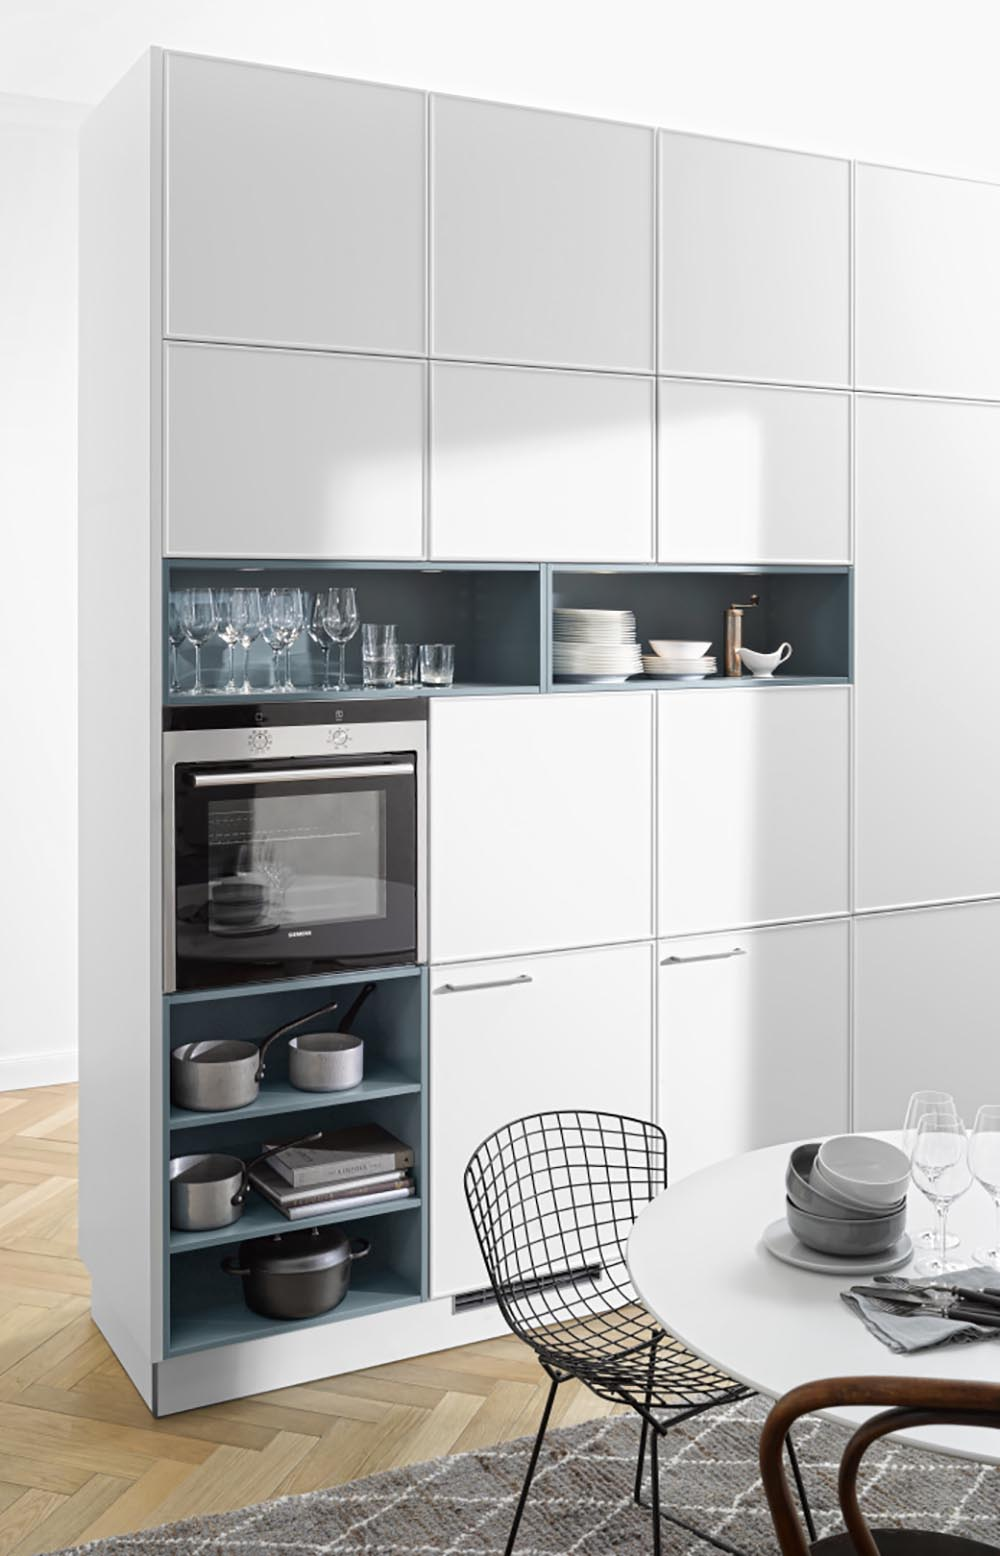 mur de cuisine bloc complet avec rangements décoration et électroménager four vaisselle intégrés